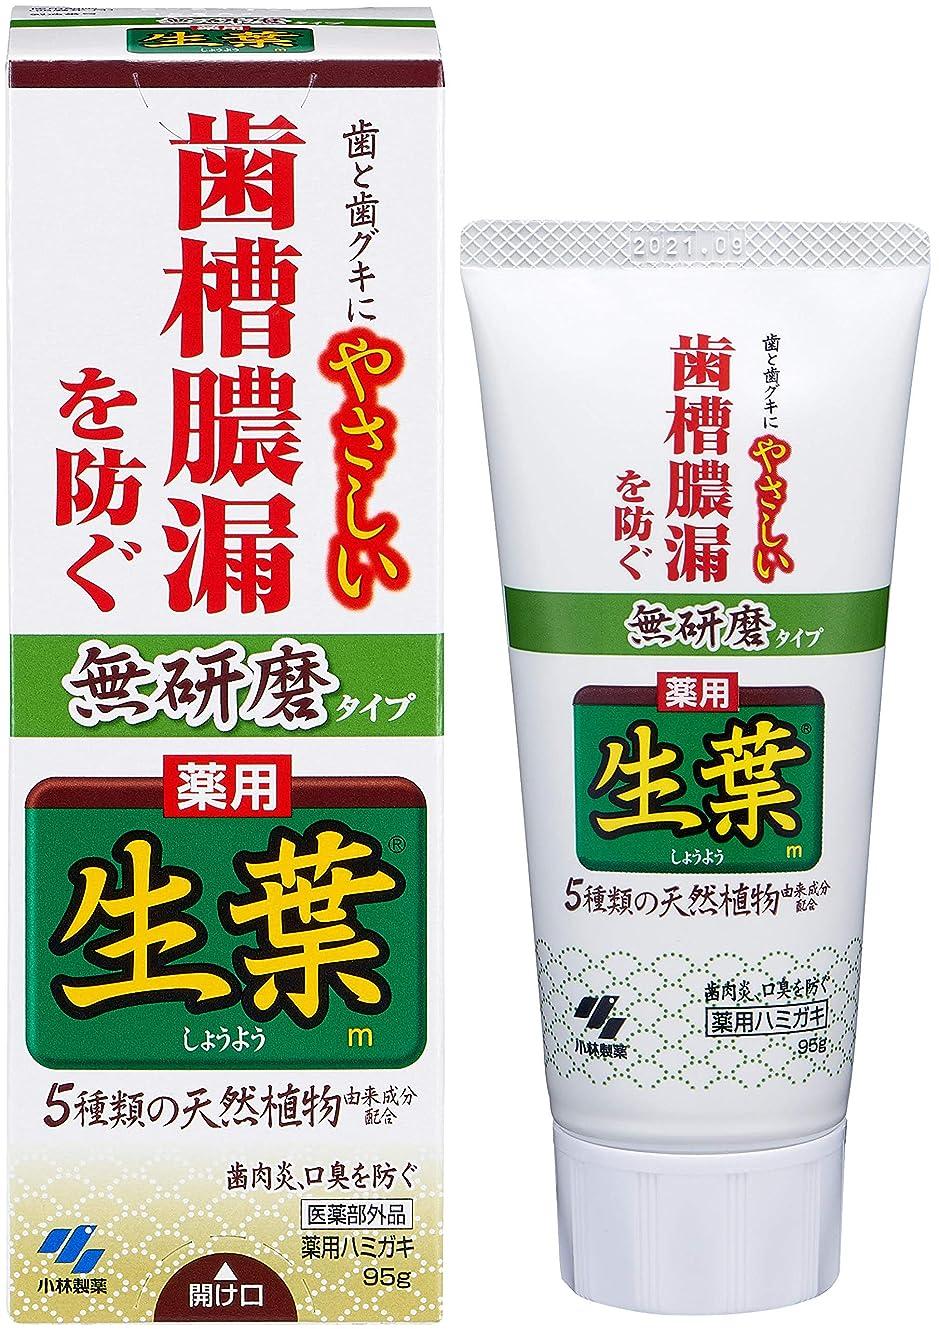 させる差ゆるい生葉(しょうよう) 無研磨タイプ 歯槽膿漏を防ぐ 薬用ハミガキ ハーブミント味 95g 【医薬部外品】